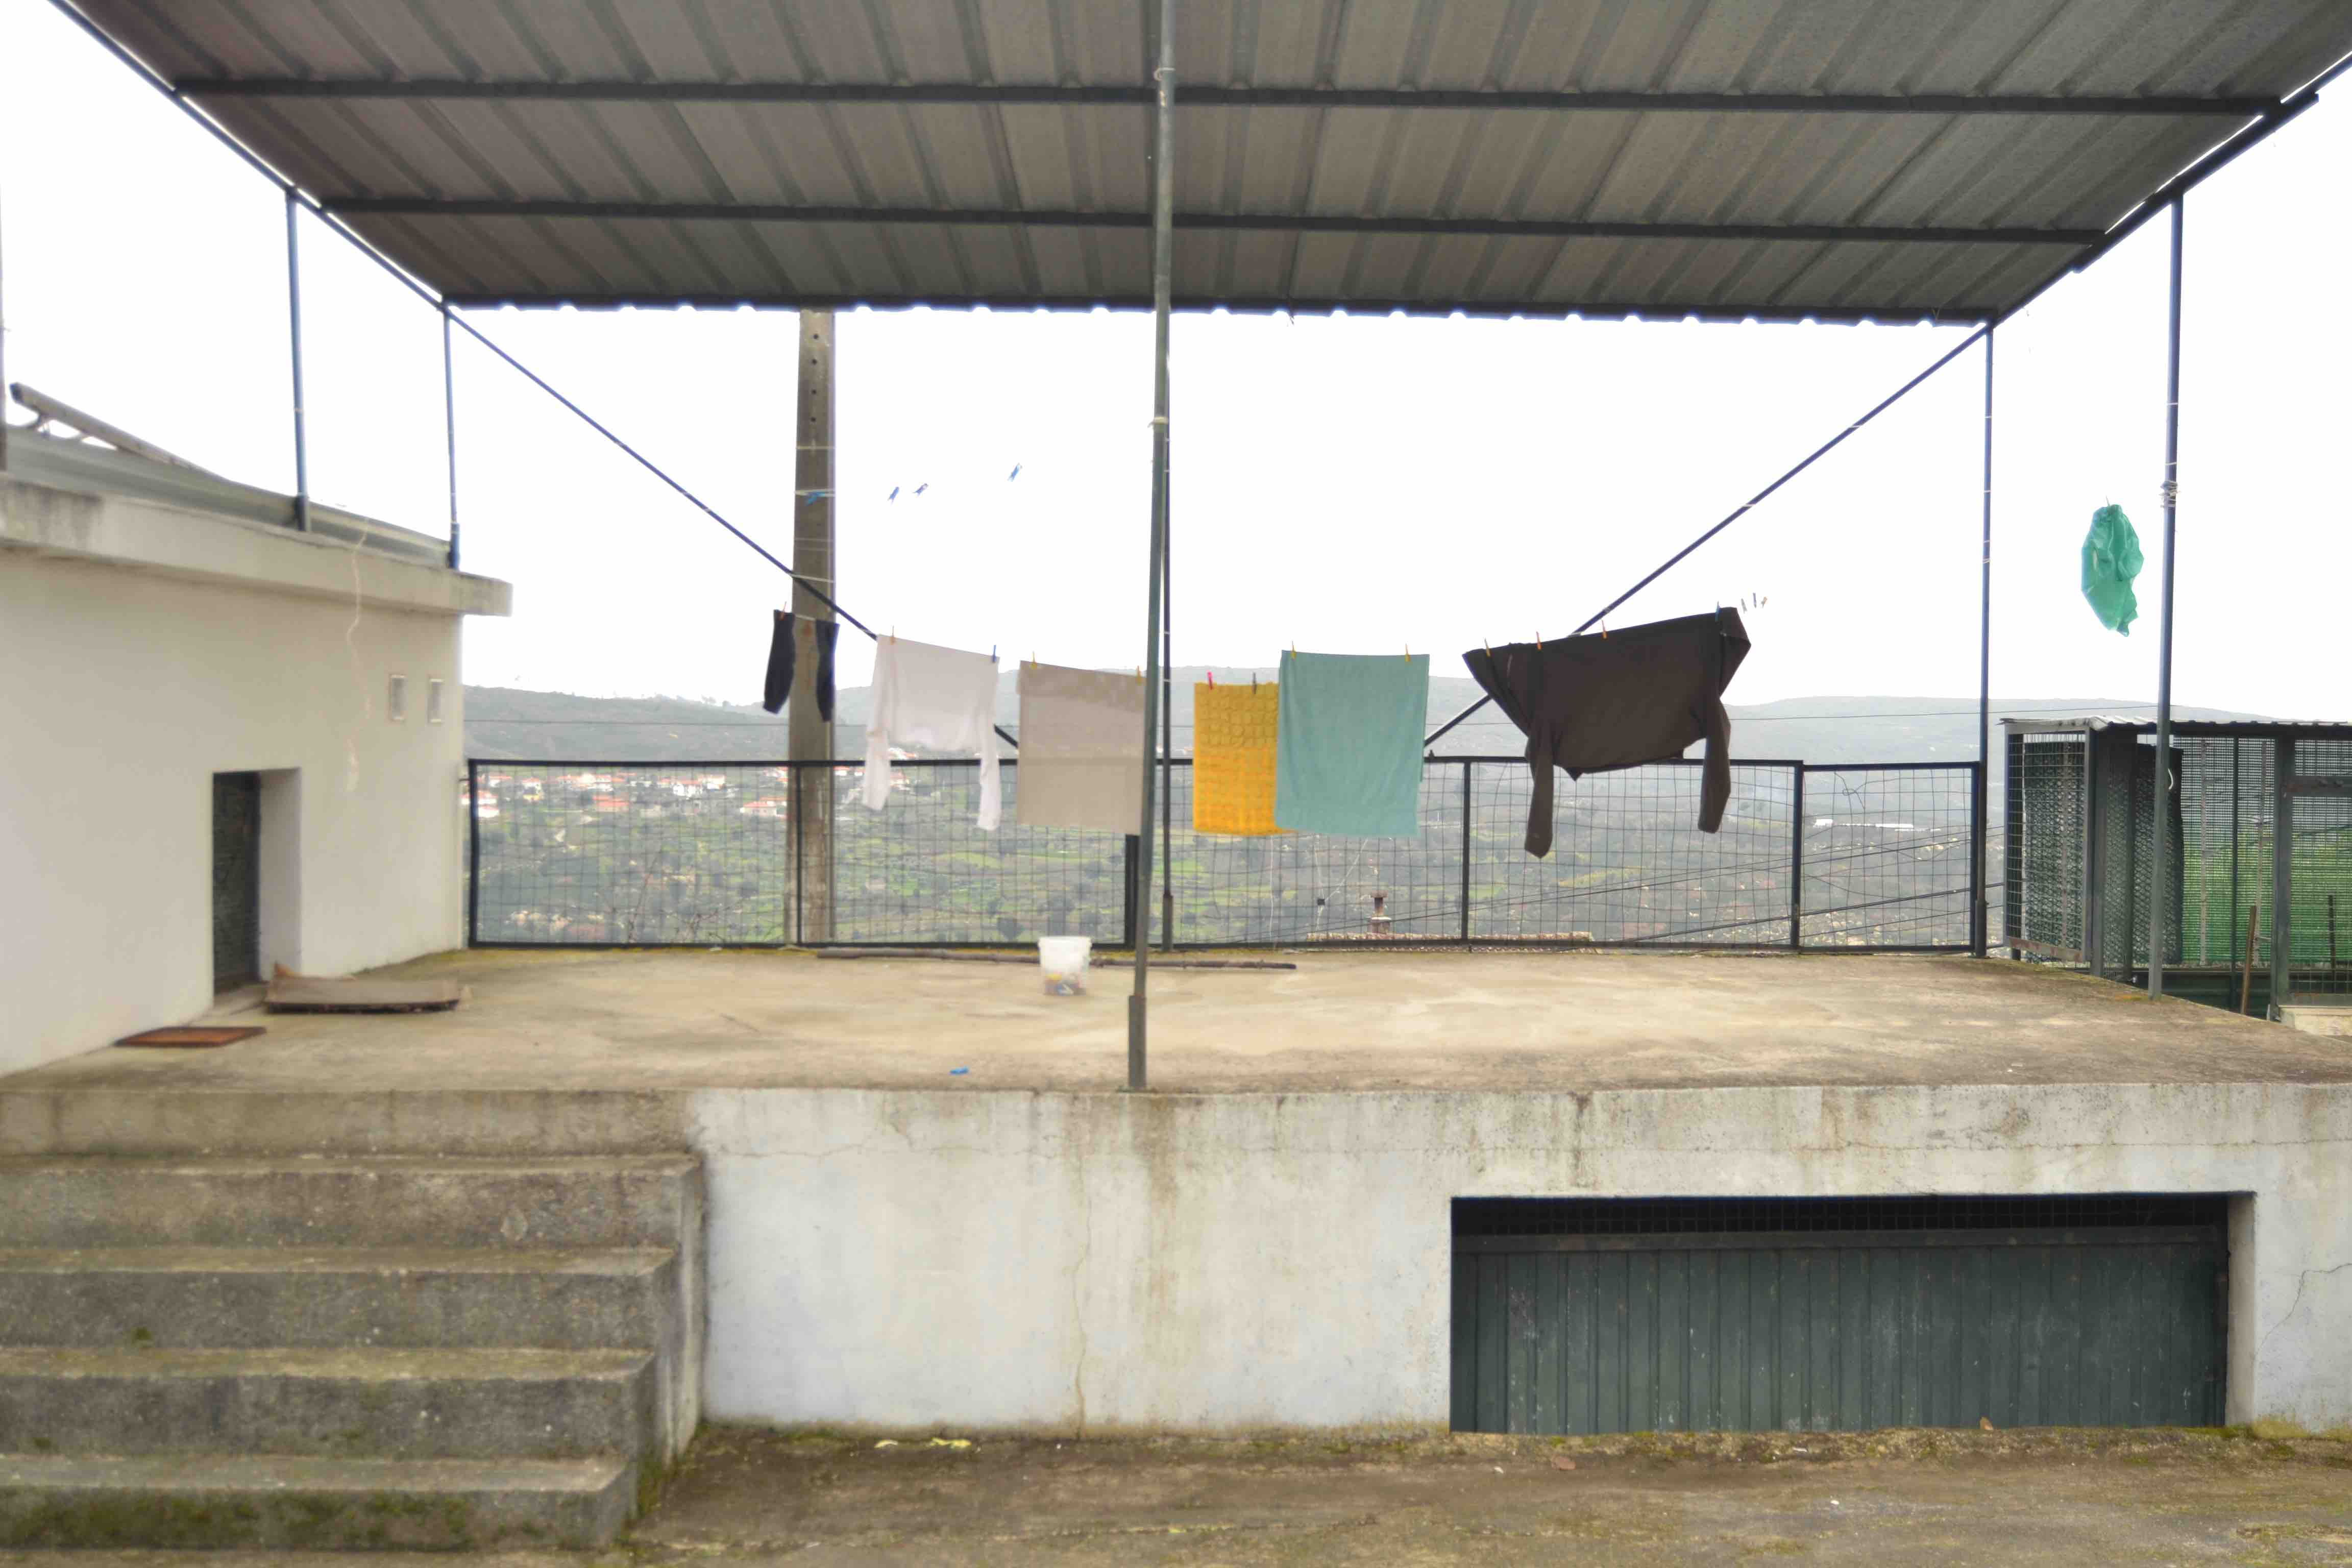 The Daycare Centre in Sobral Pichorro